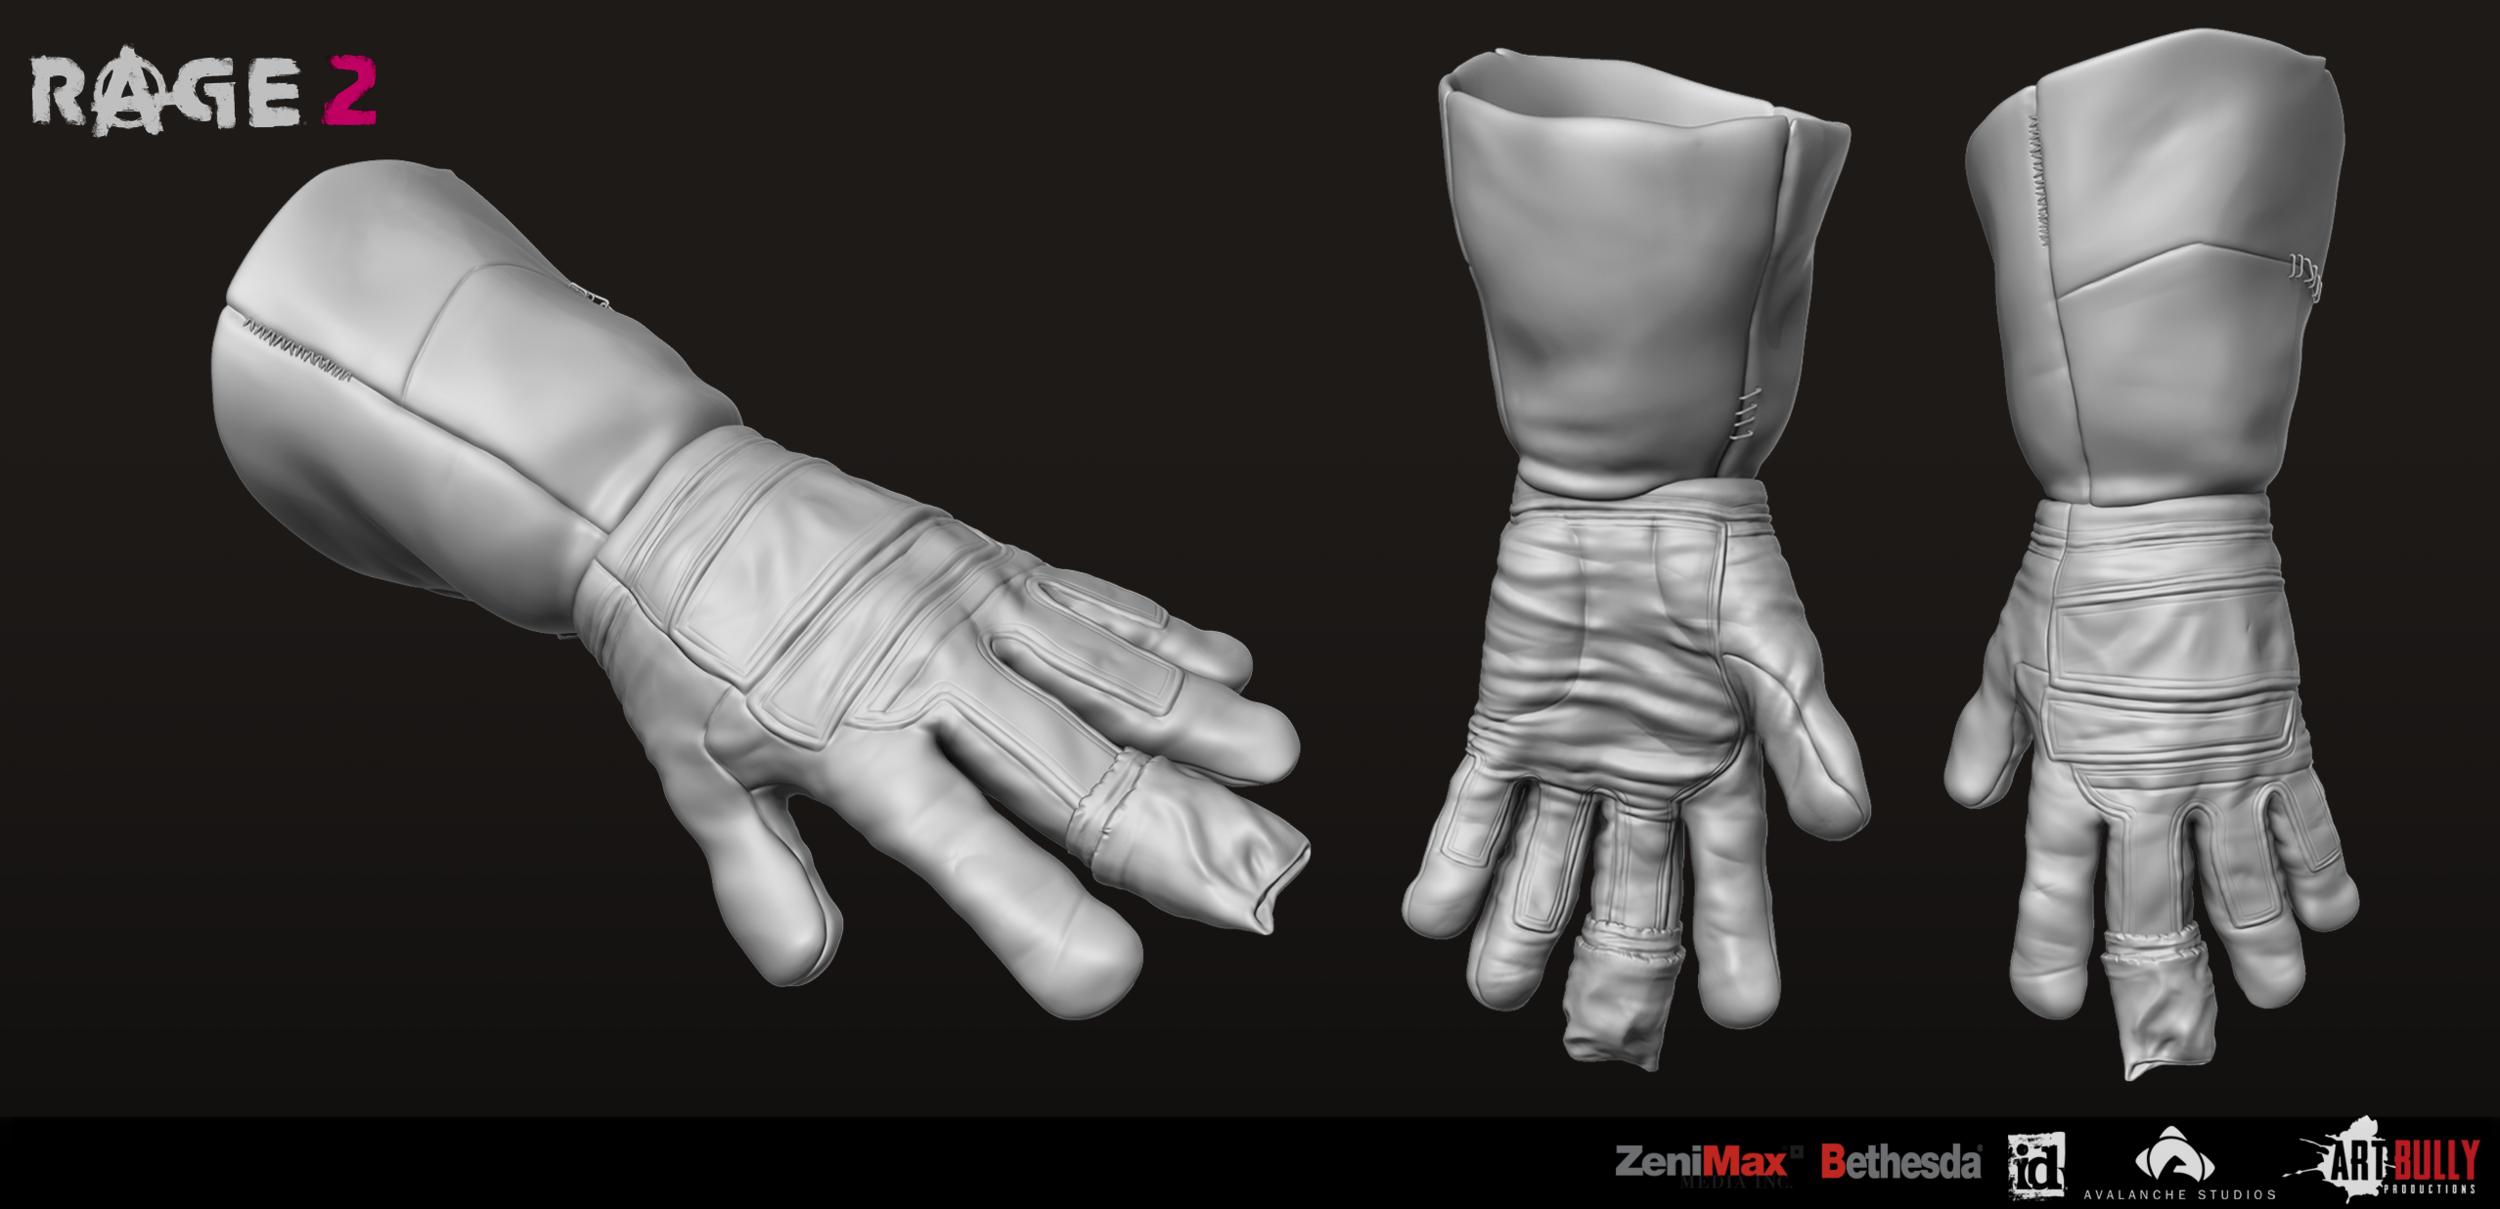 Civilian_Gear_Set_03_Hands_01_Working_Glove_render.png